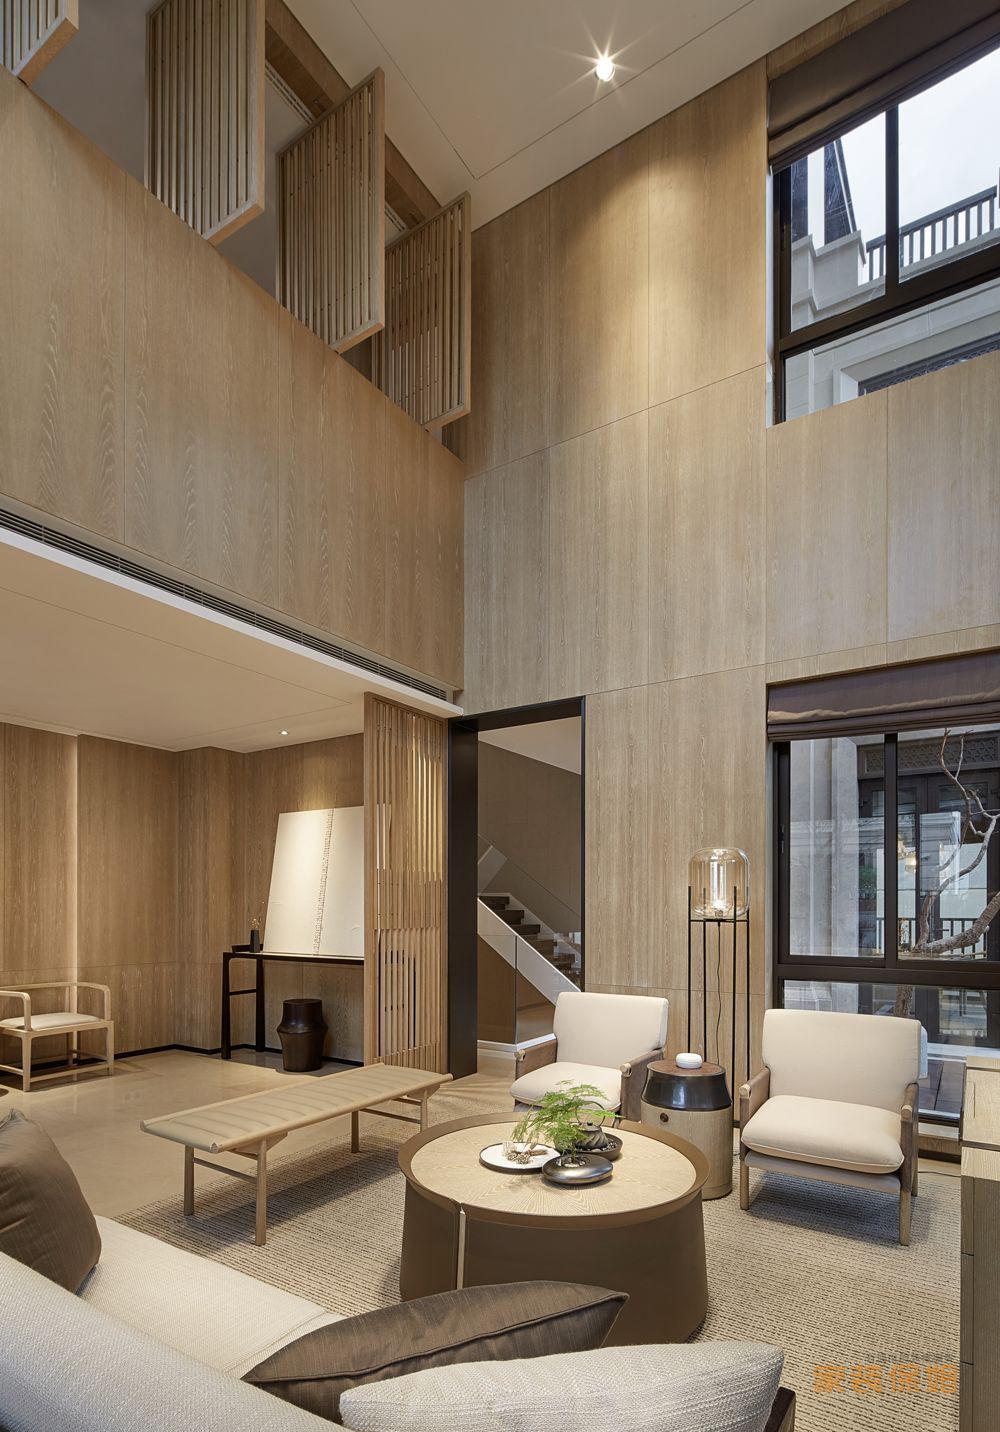 2020年最新家装作品禅意新中式装修效果图欣赏(四)-家装保姆-罗小红成都家装设计团队